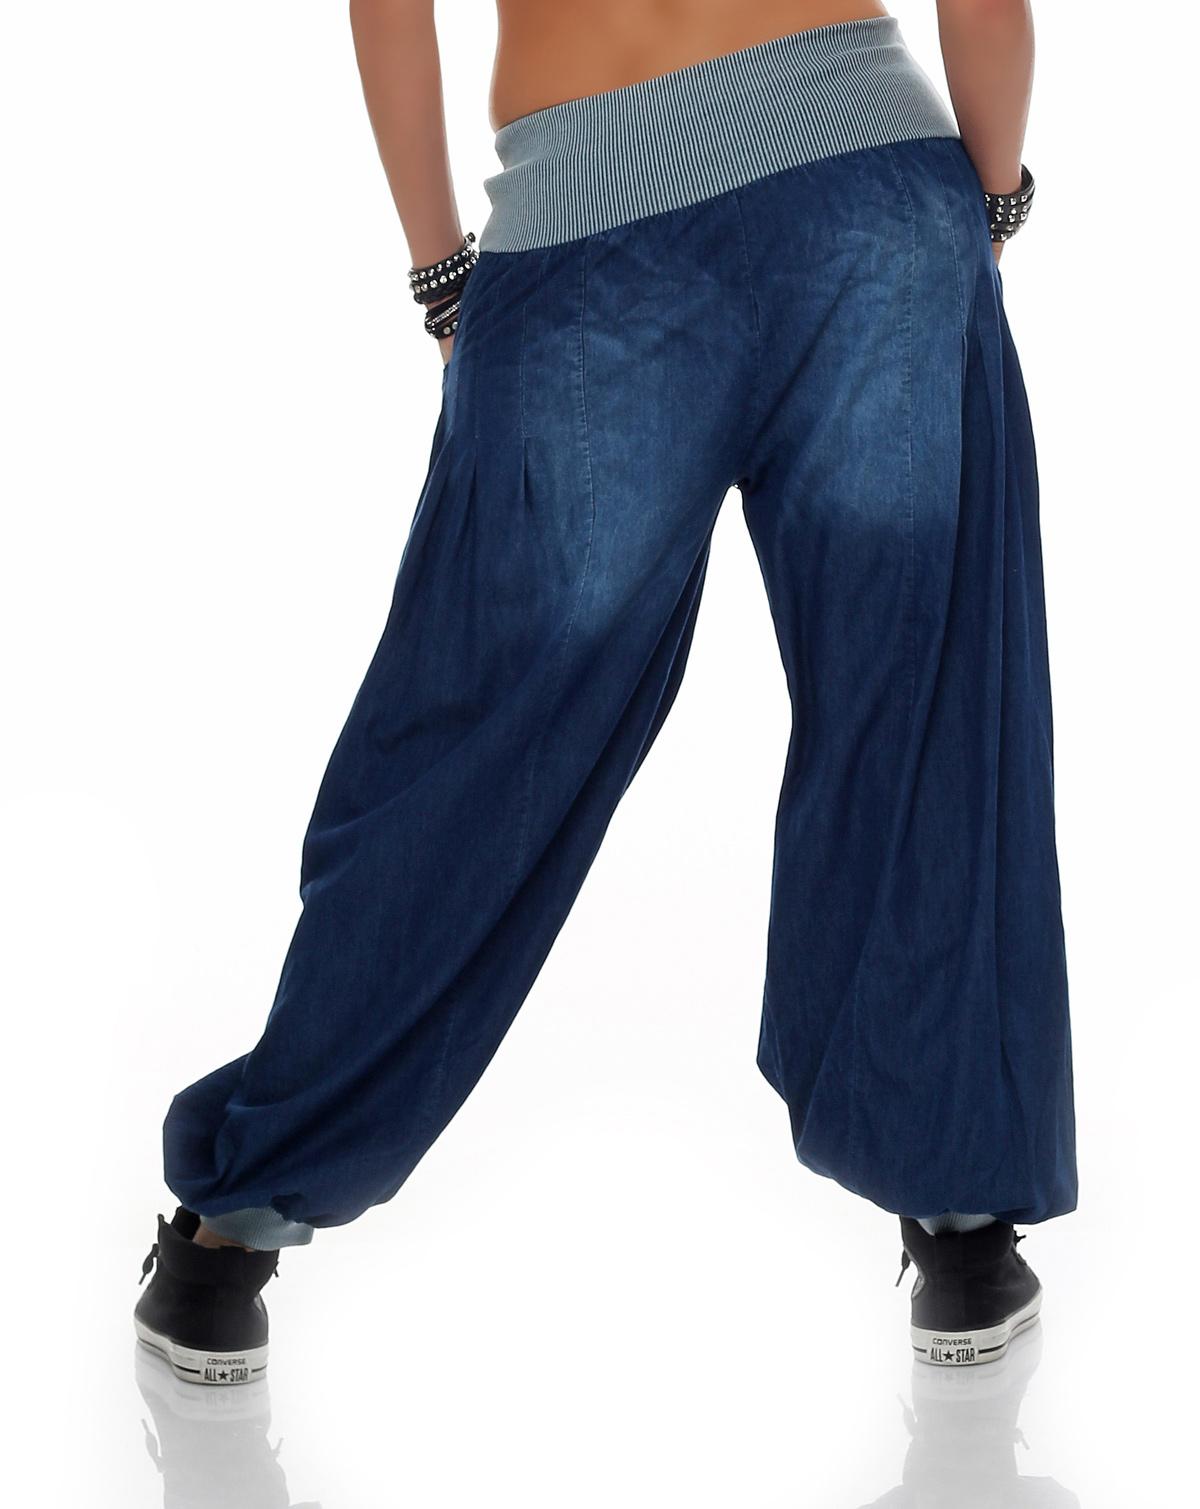 damen haremshose aladinhose pumphose jeans sommerhose. Black Bedroom Furniture Sets. Home Design Ideas